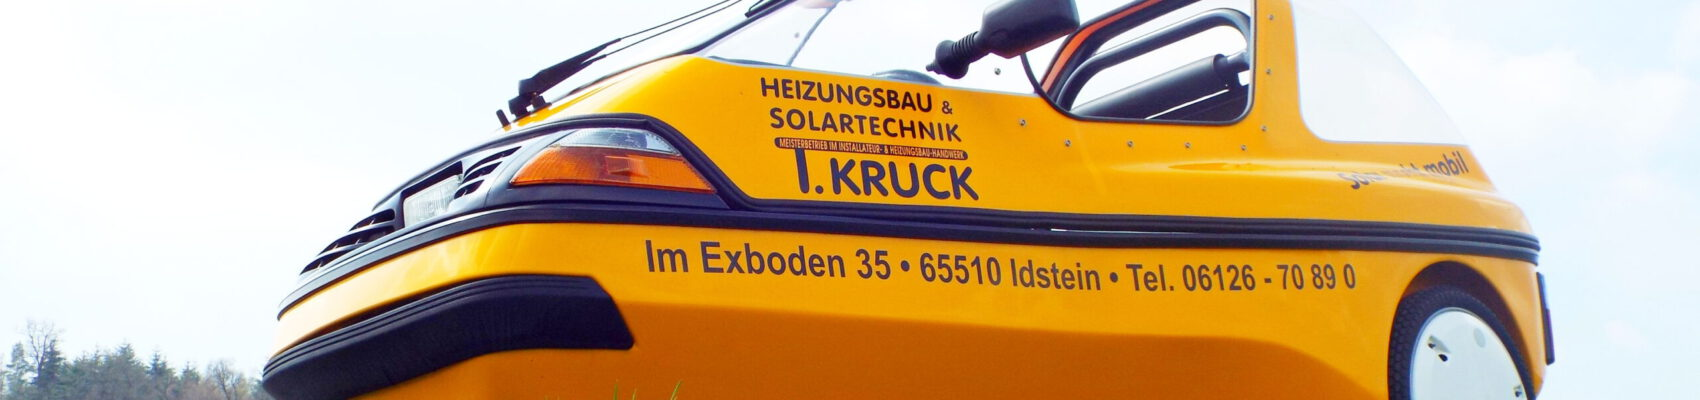 T. Kruck Idstein Heizungsbau & Solartechnik